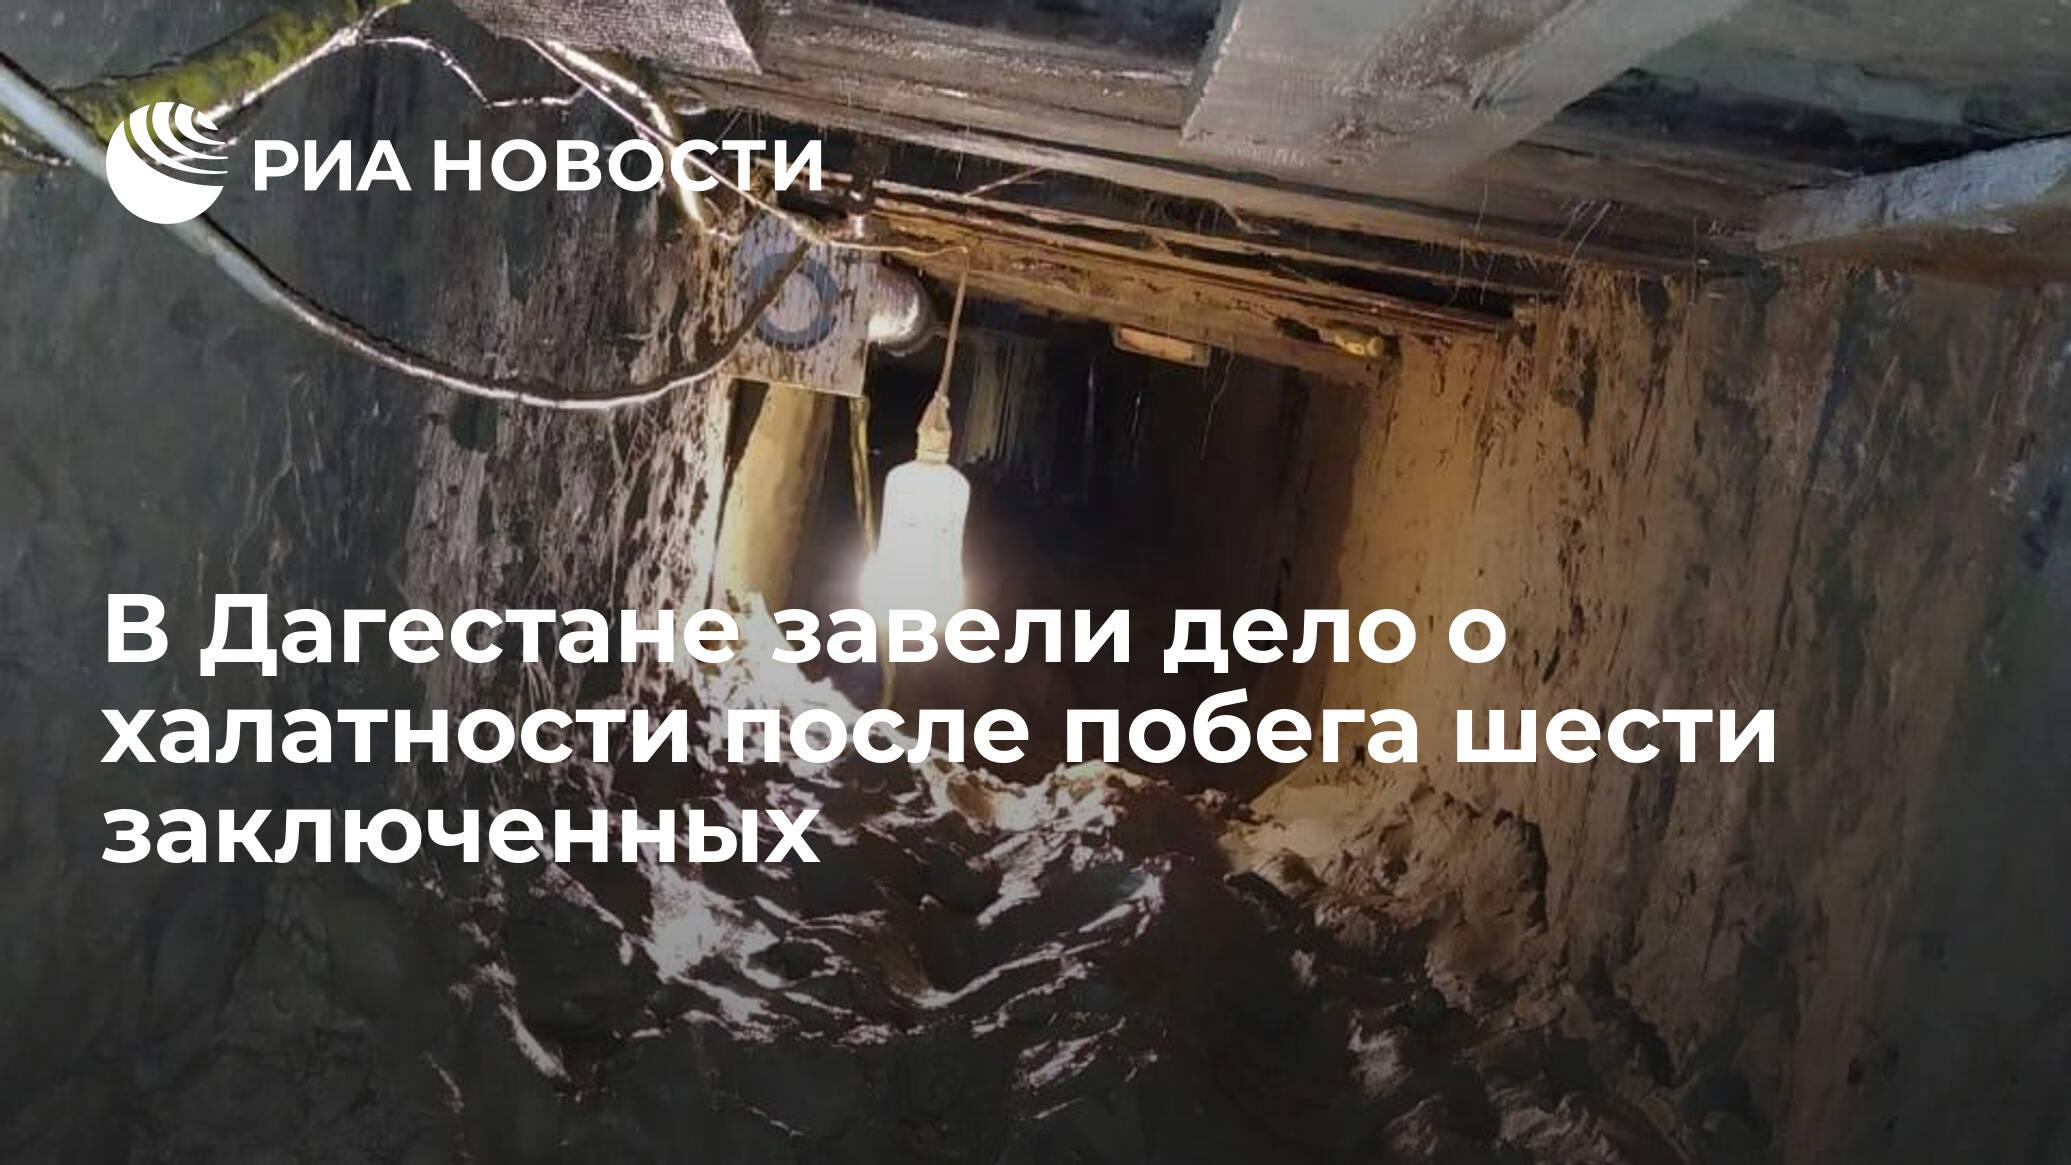 В Дагестане завели дело о халатности после побега шести заключенных